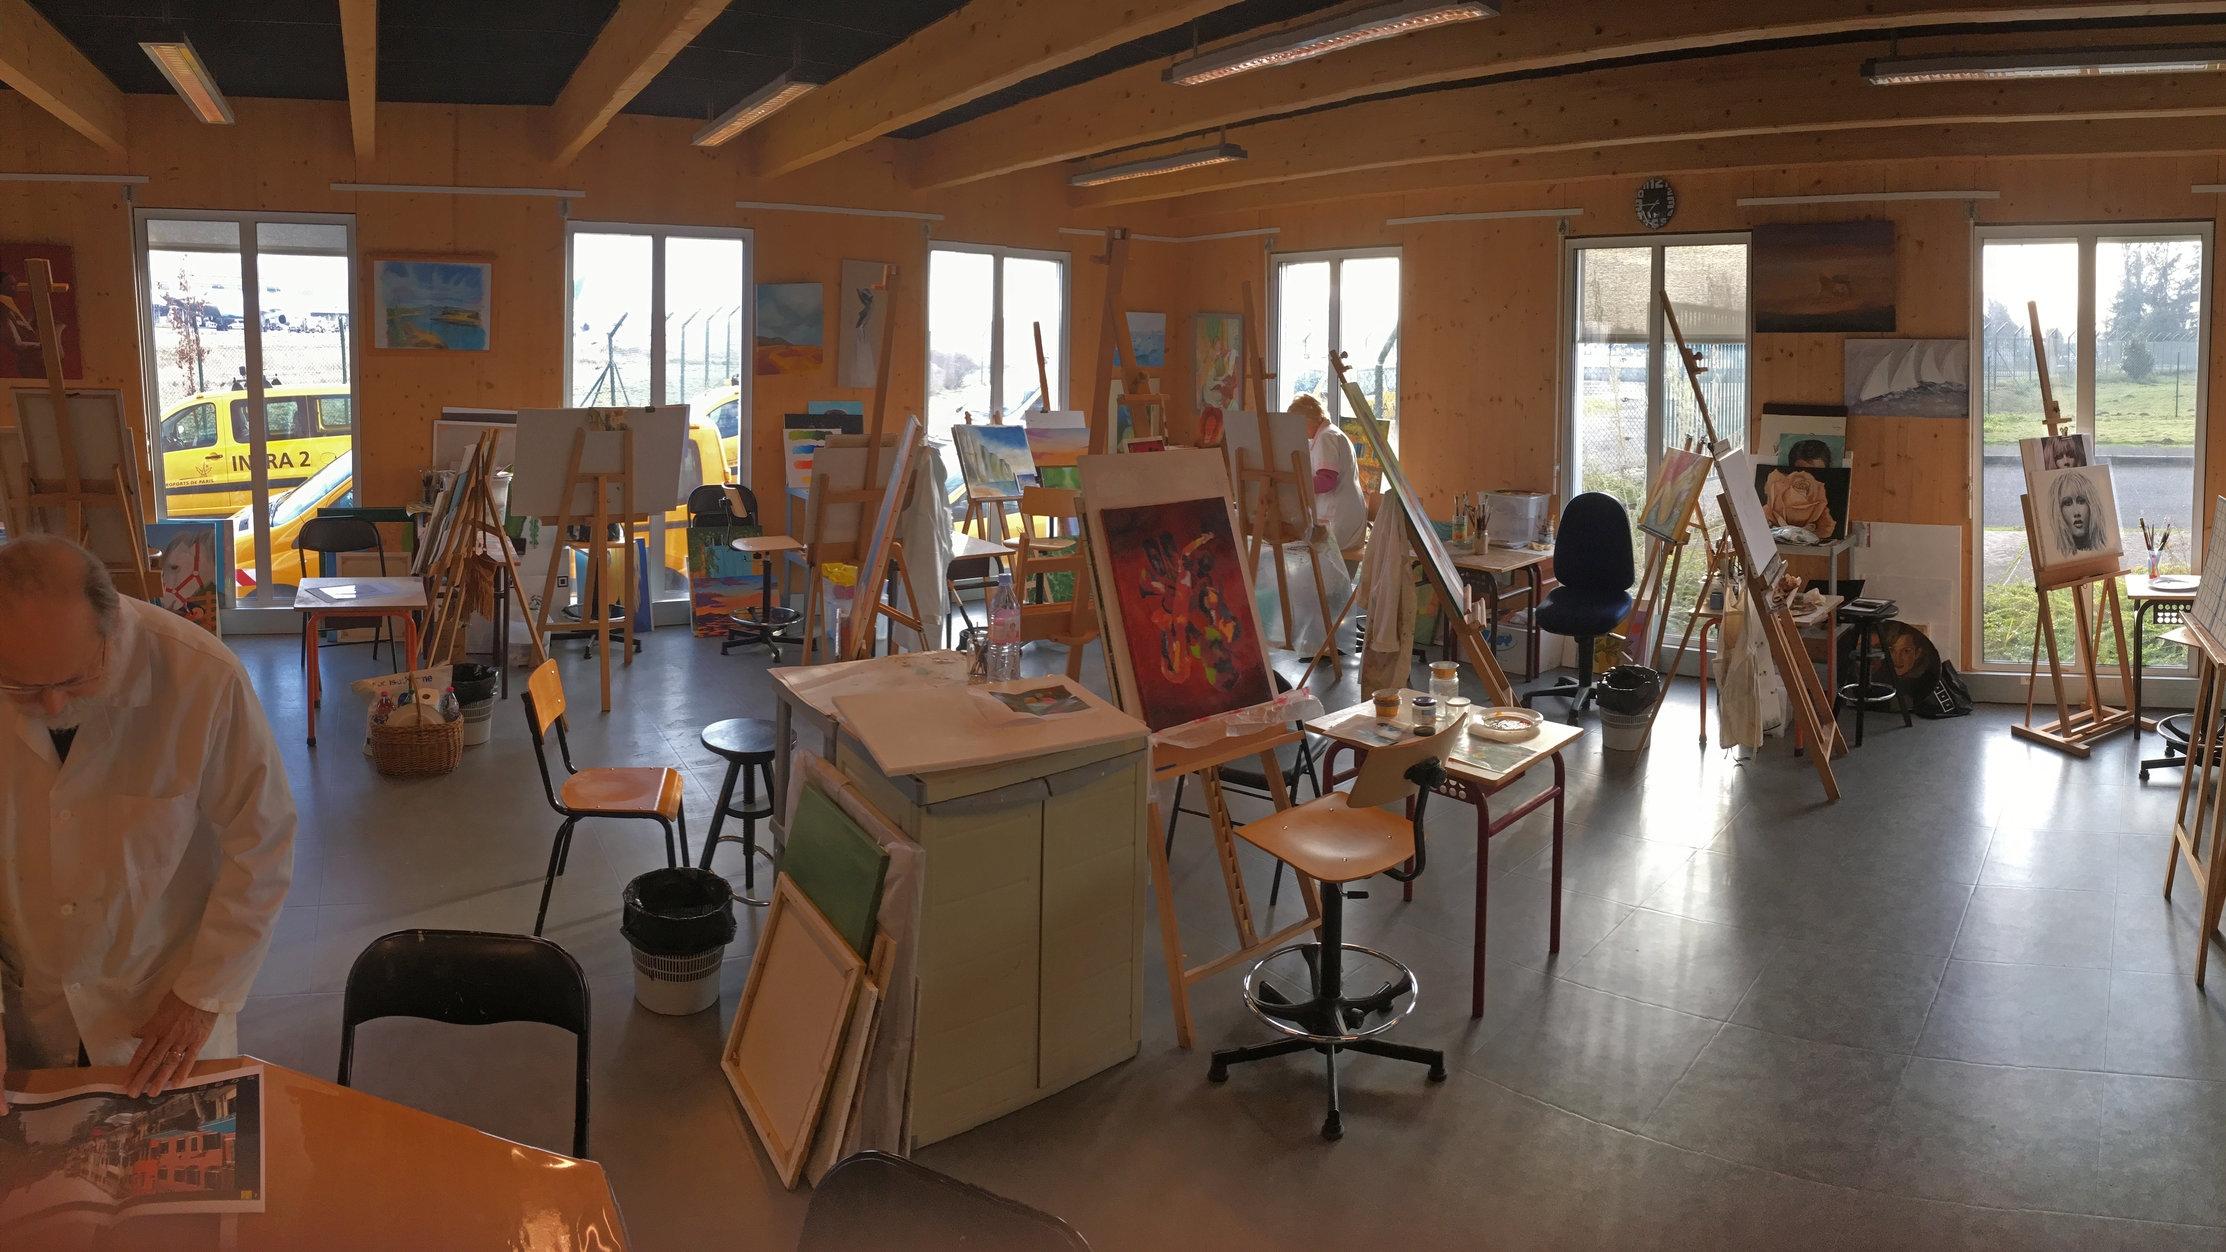 Atelier de Peinture du CE ADP, Aéroport Charles de Gaulle.